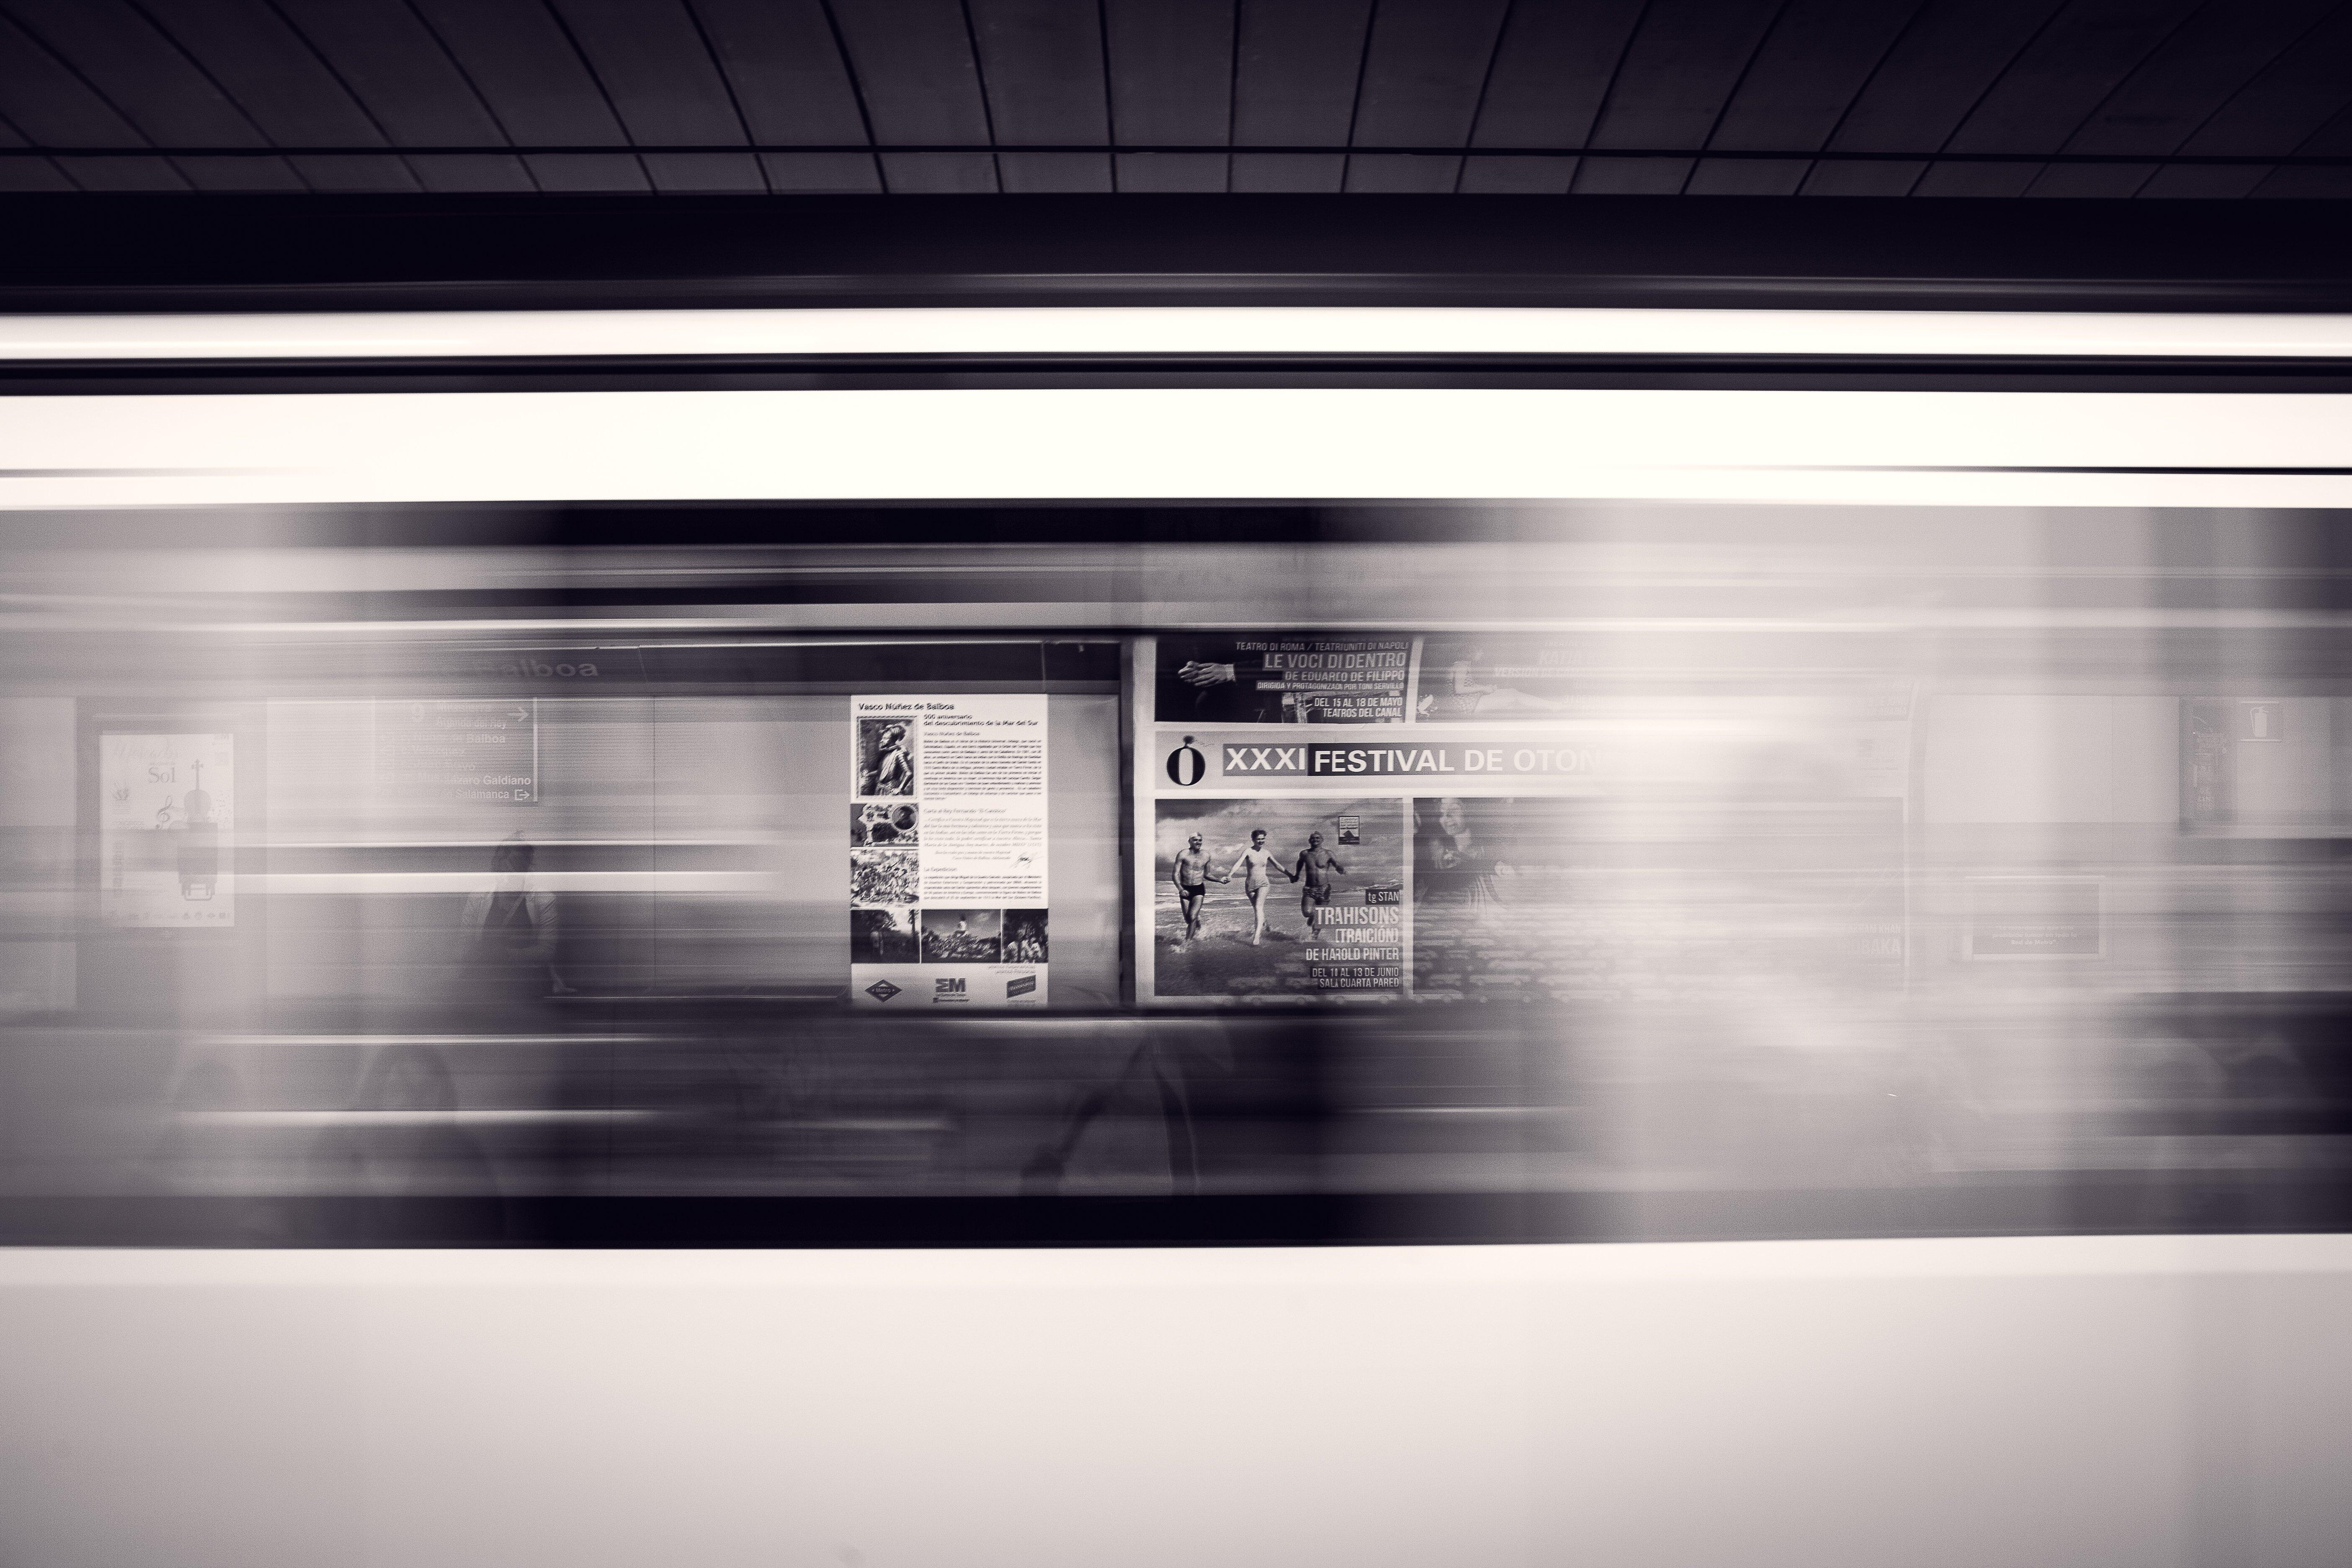 Tren pasando muy rápido con publicidad